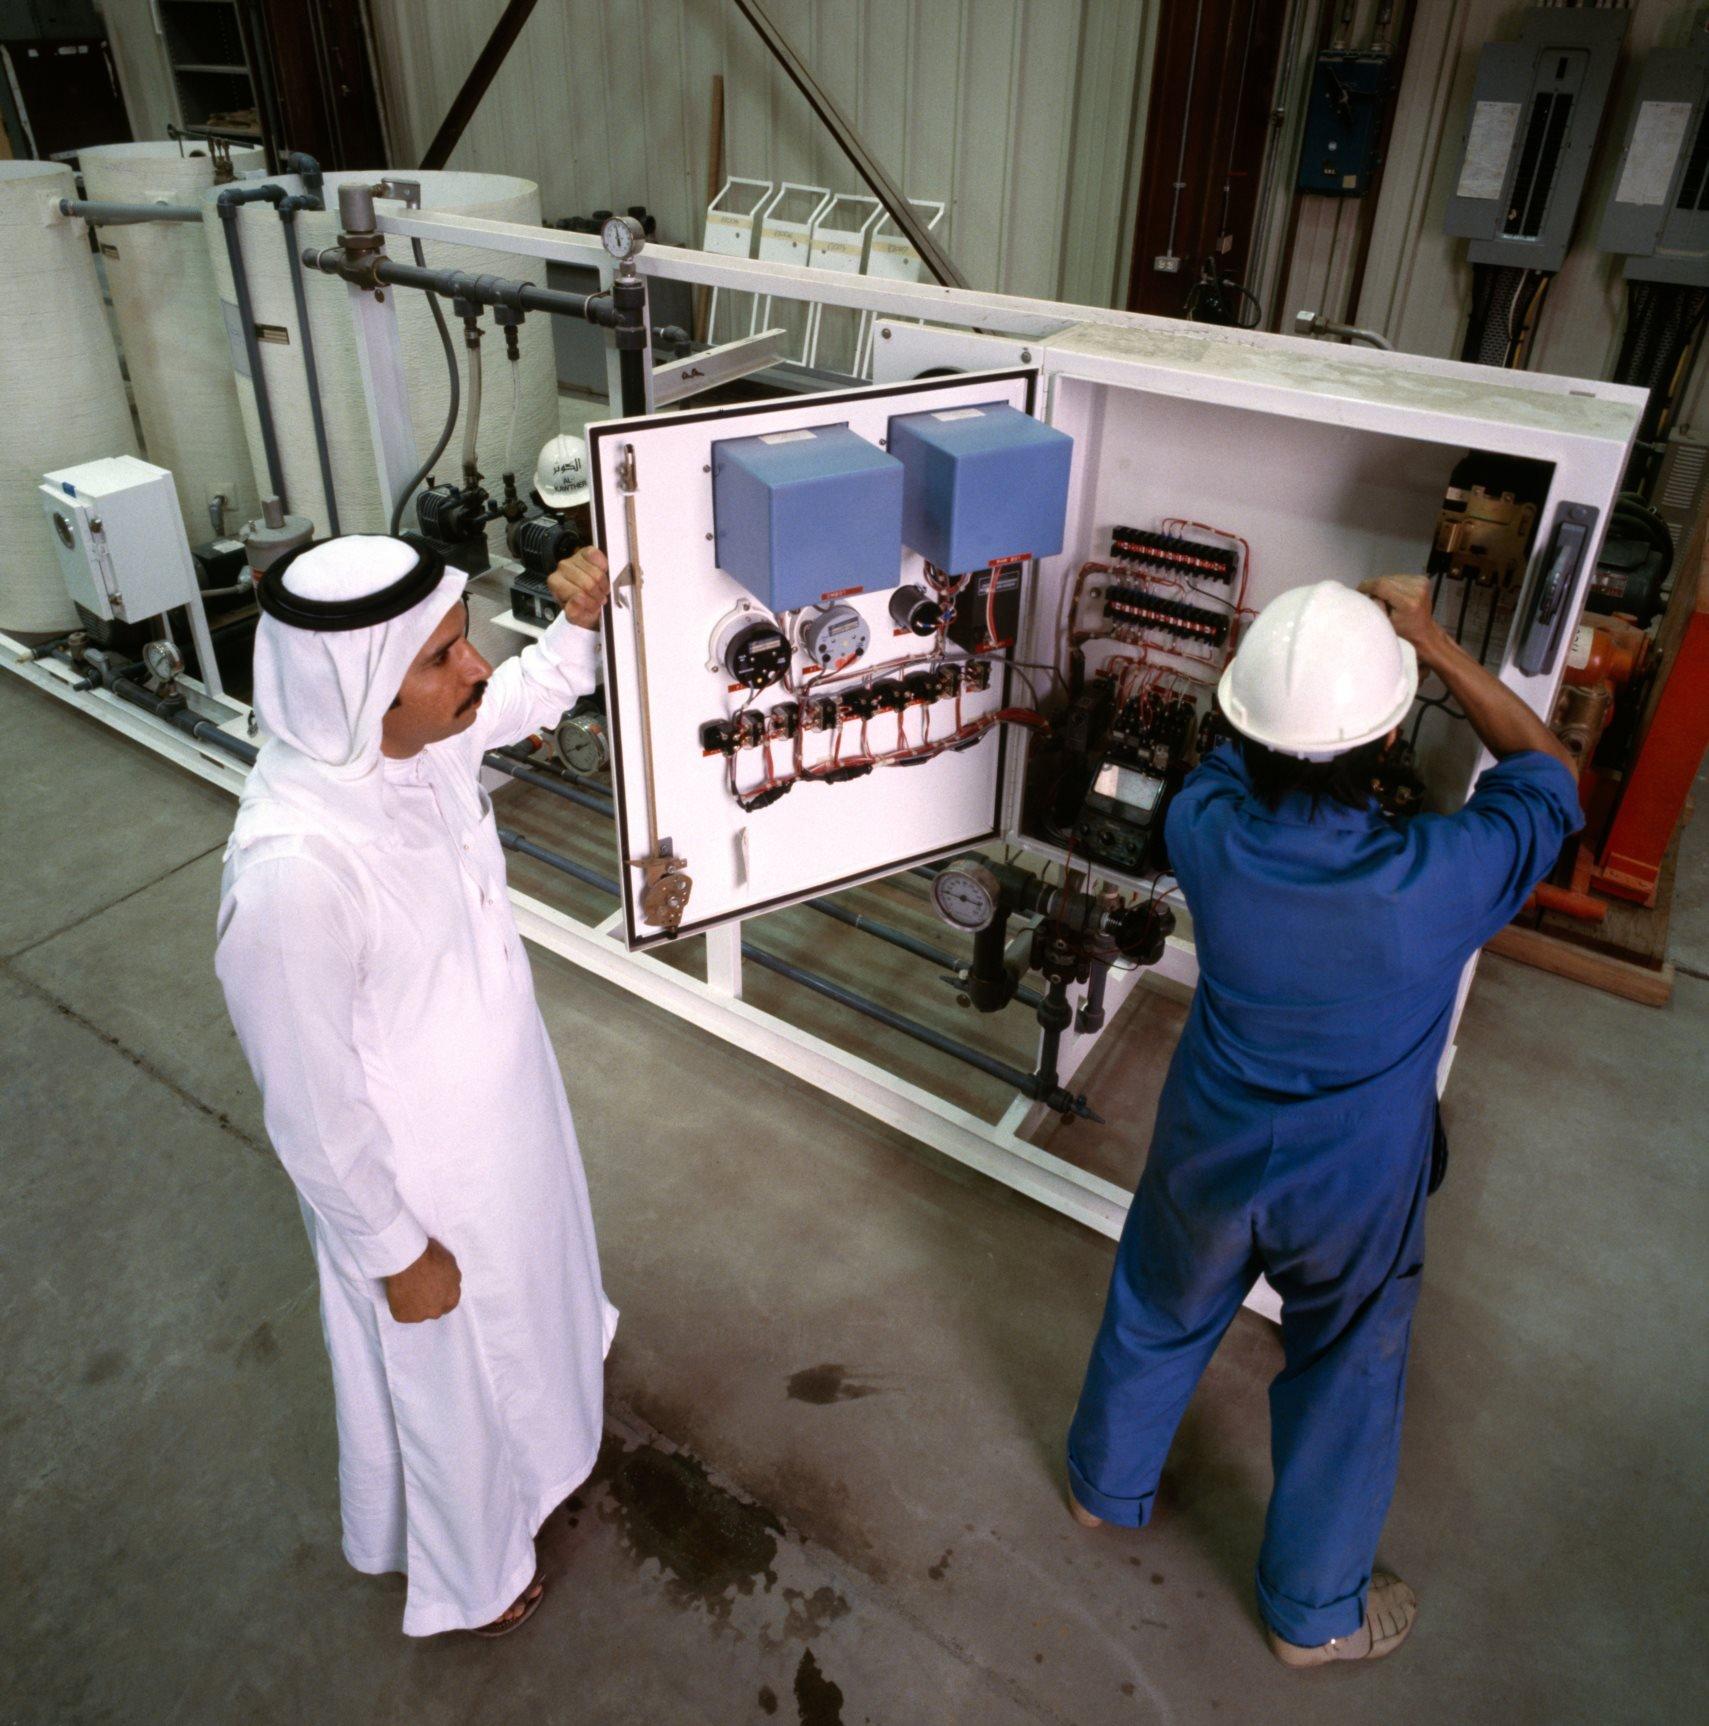 السعوديون.. قبل الكهرباء وبعدها.